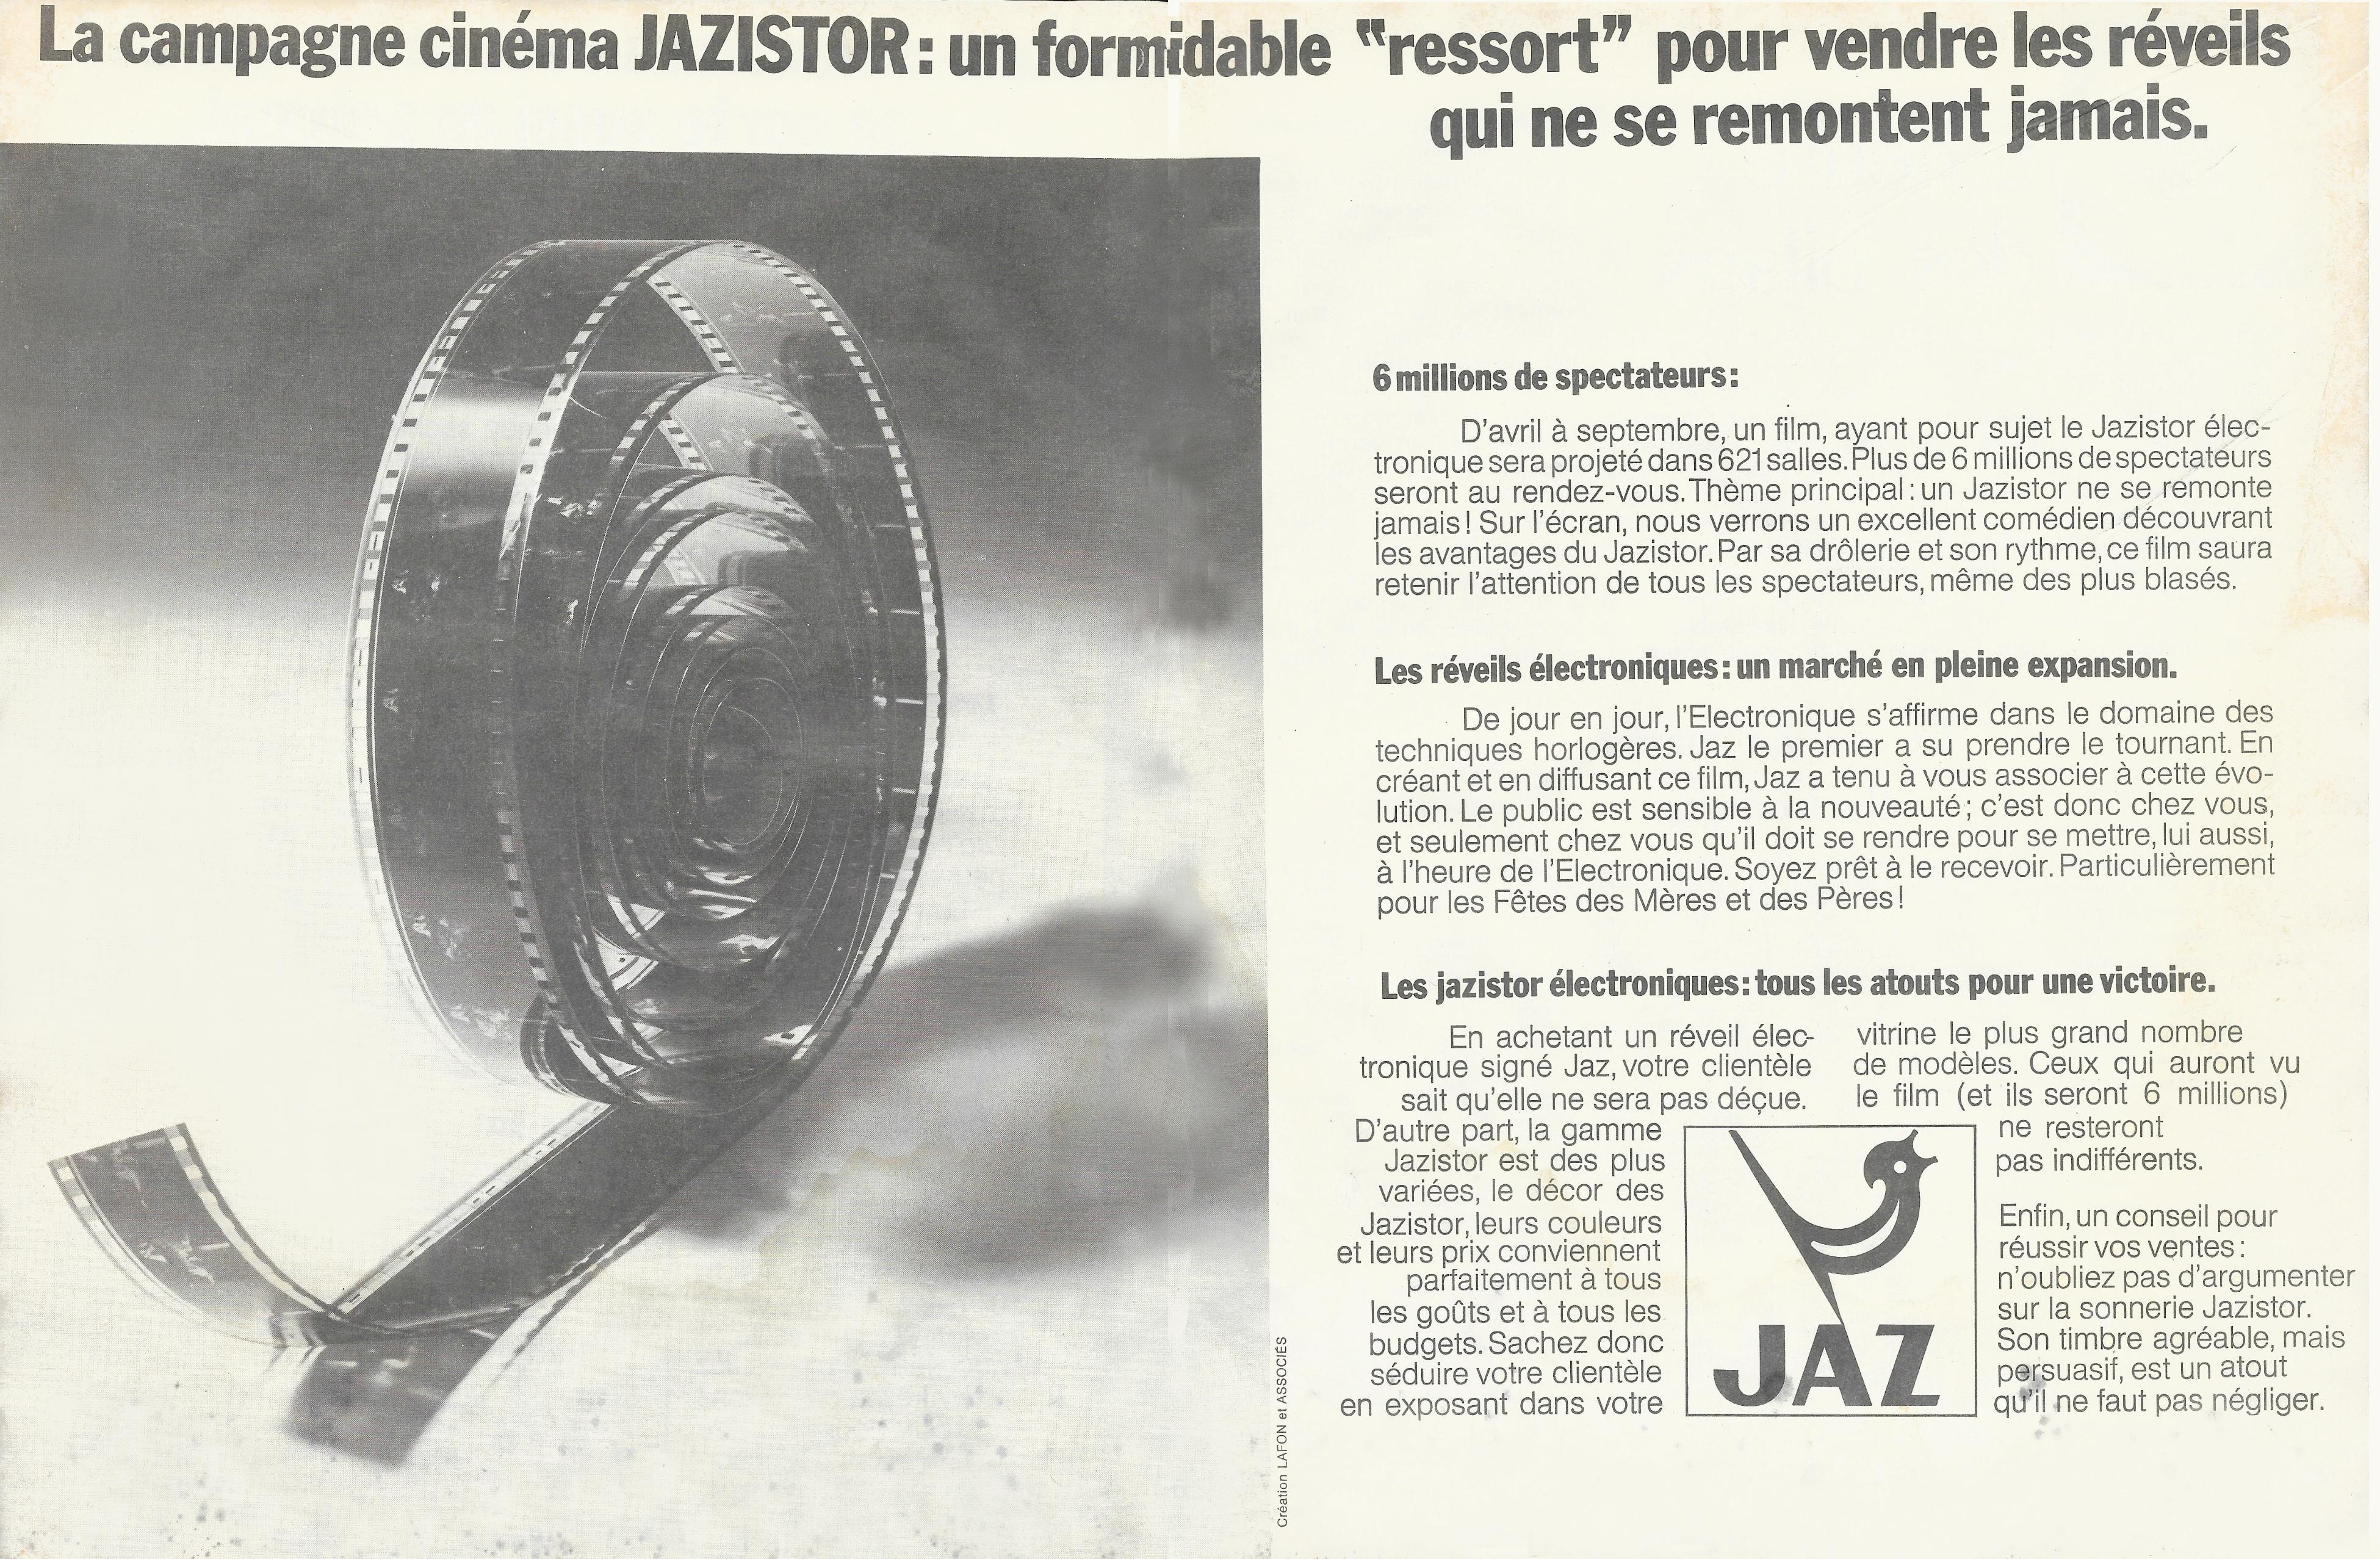 1972 La vie des métiers n°305 Mai 1972 page 10 et 11